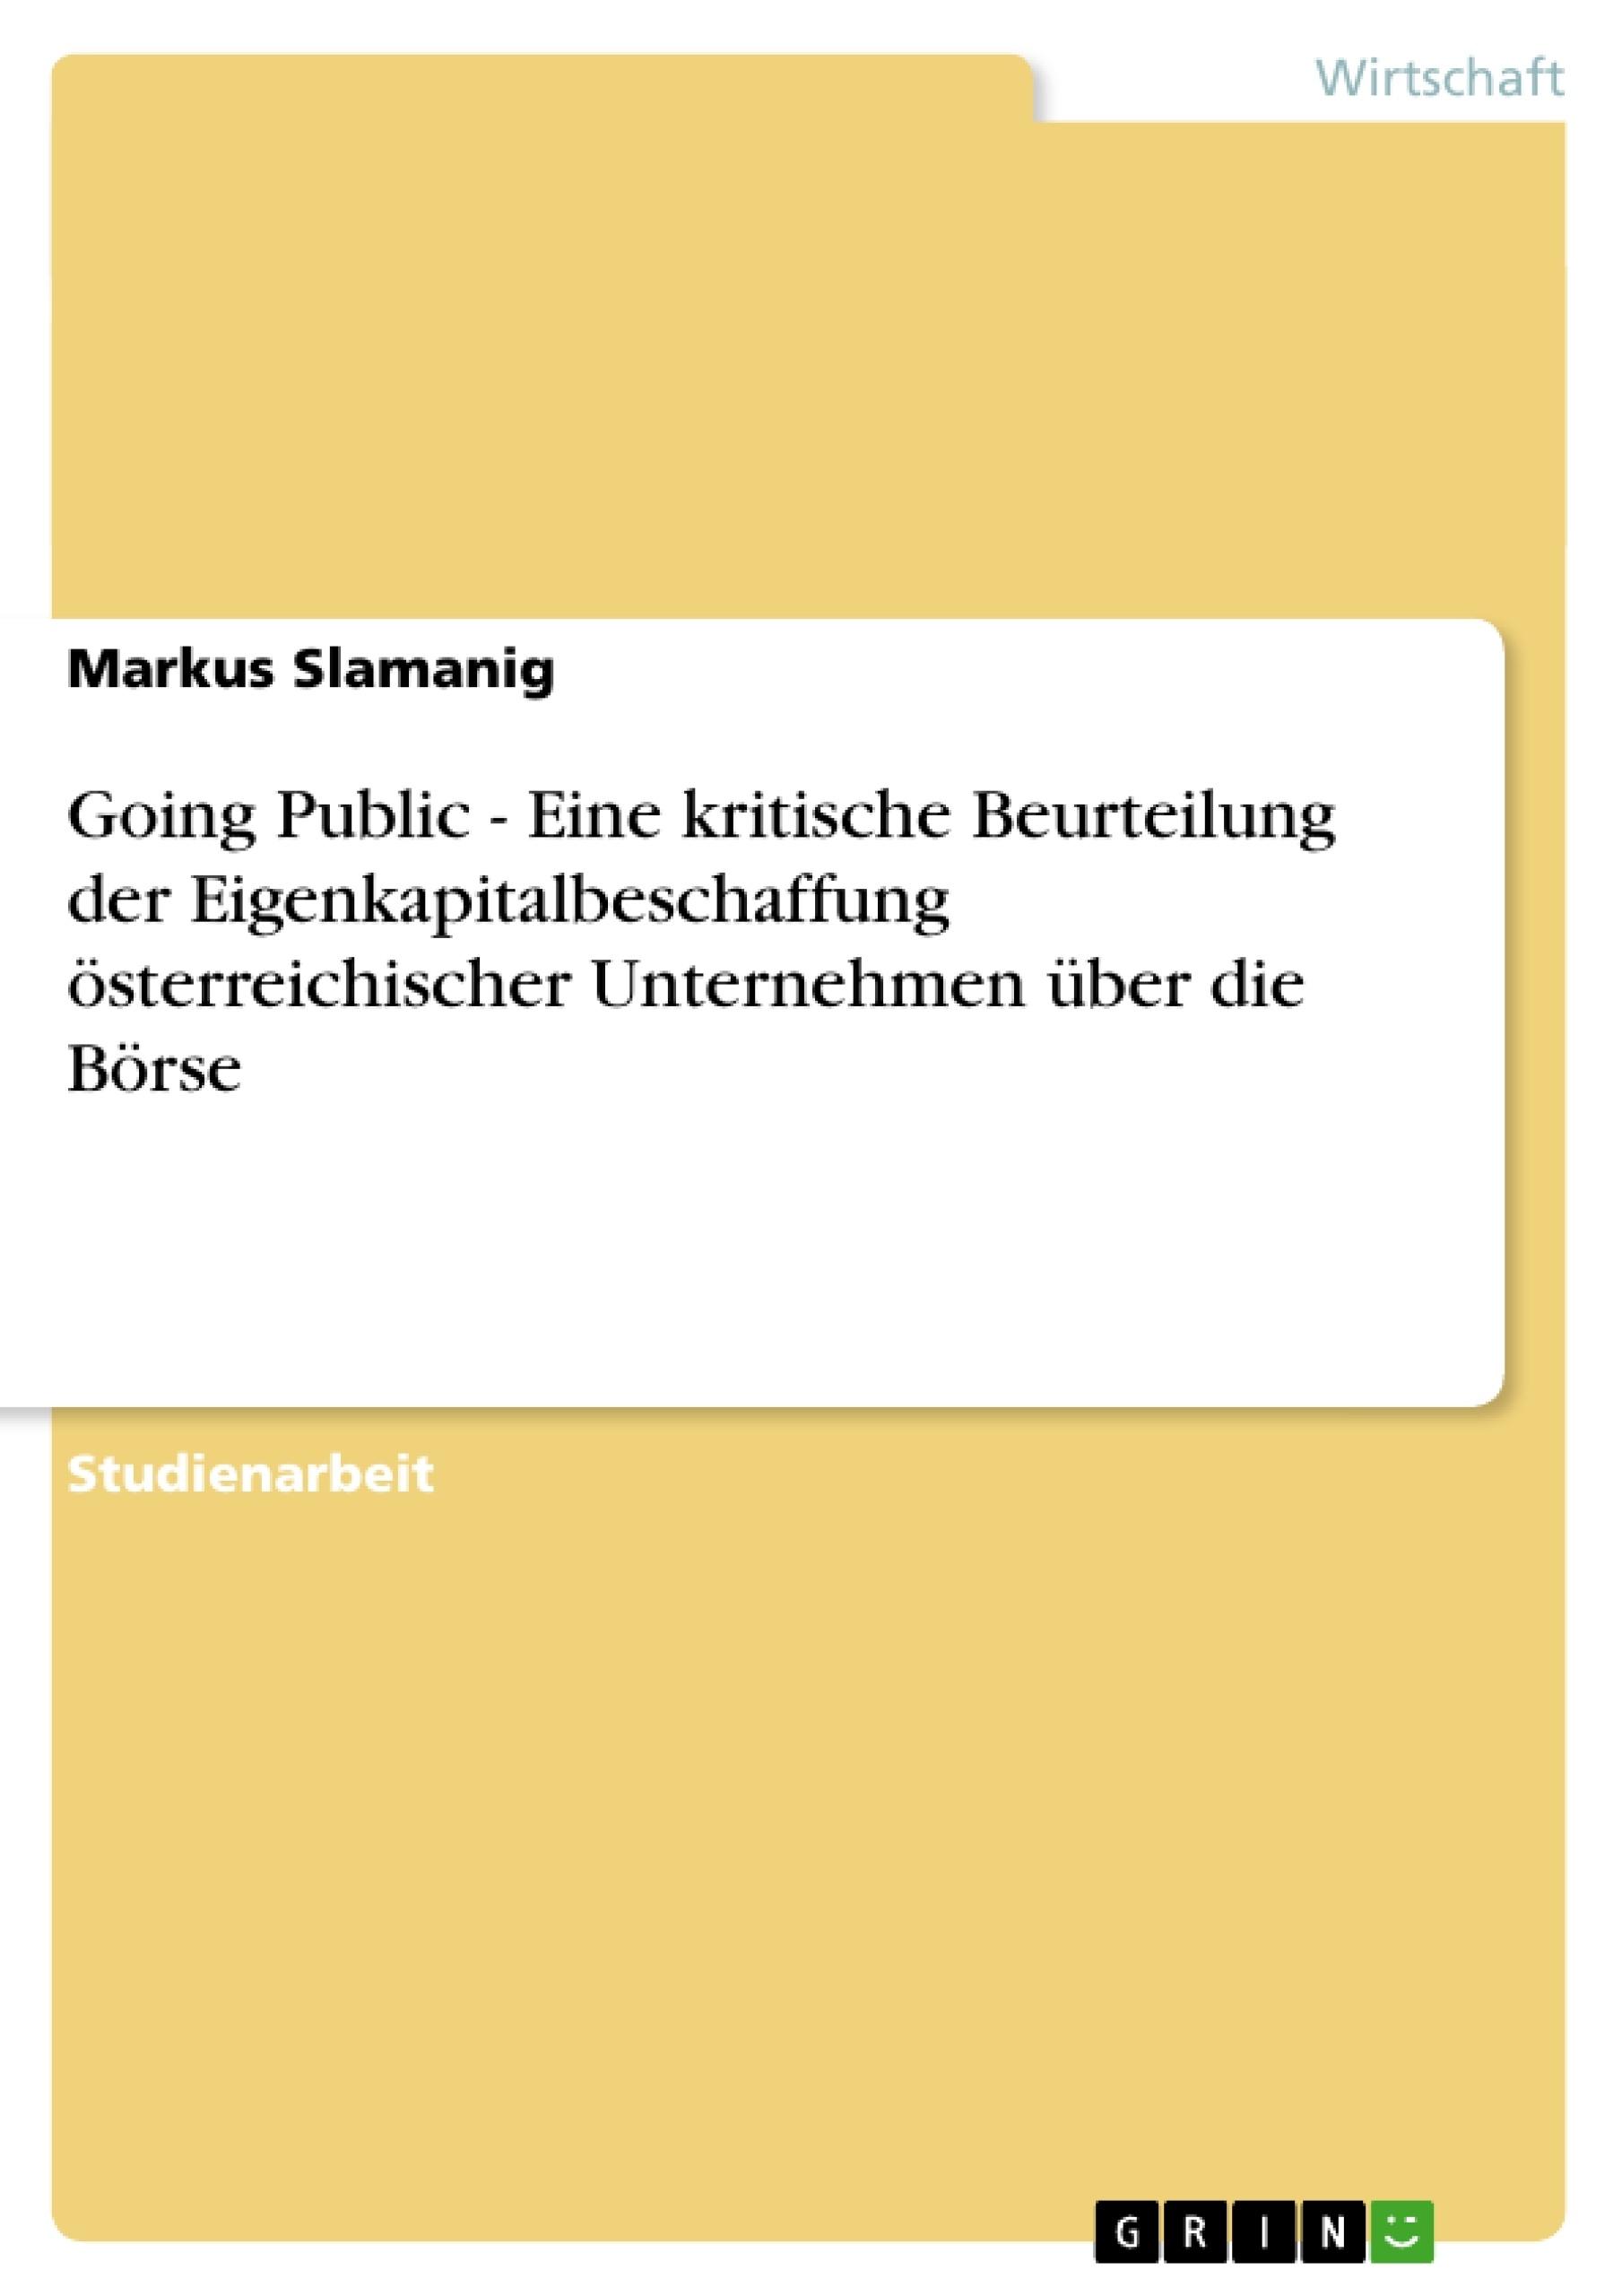 Titel: Going Public - Eine kritische Beurteilung der Eigenkapitalbeschaffung österreichischer Unternehmen über die Börse